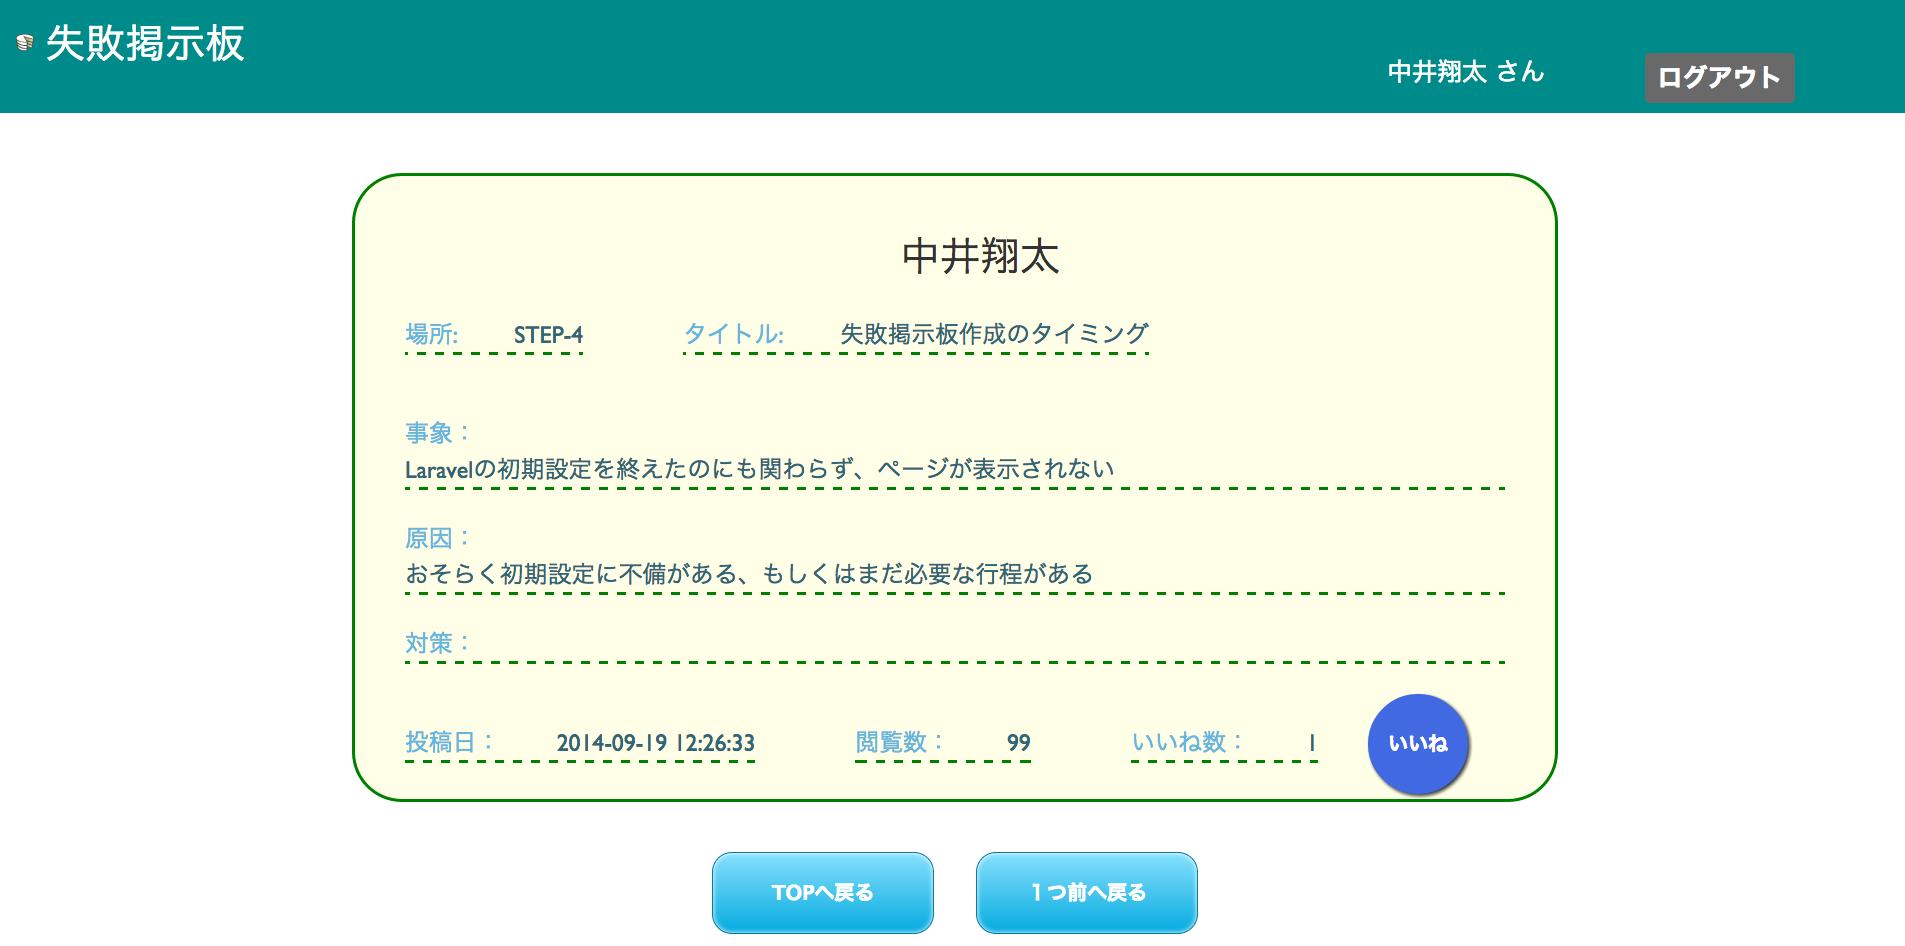 スクリーンショット 2014-10-06 15.58.01